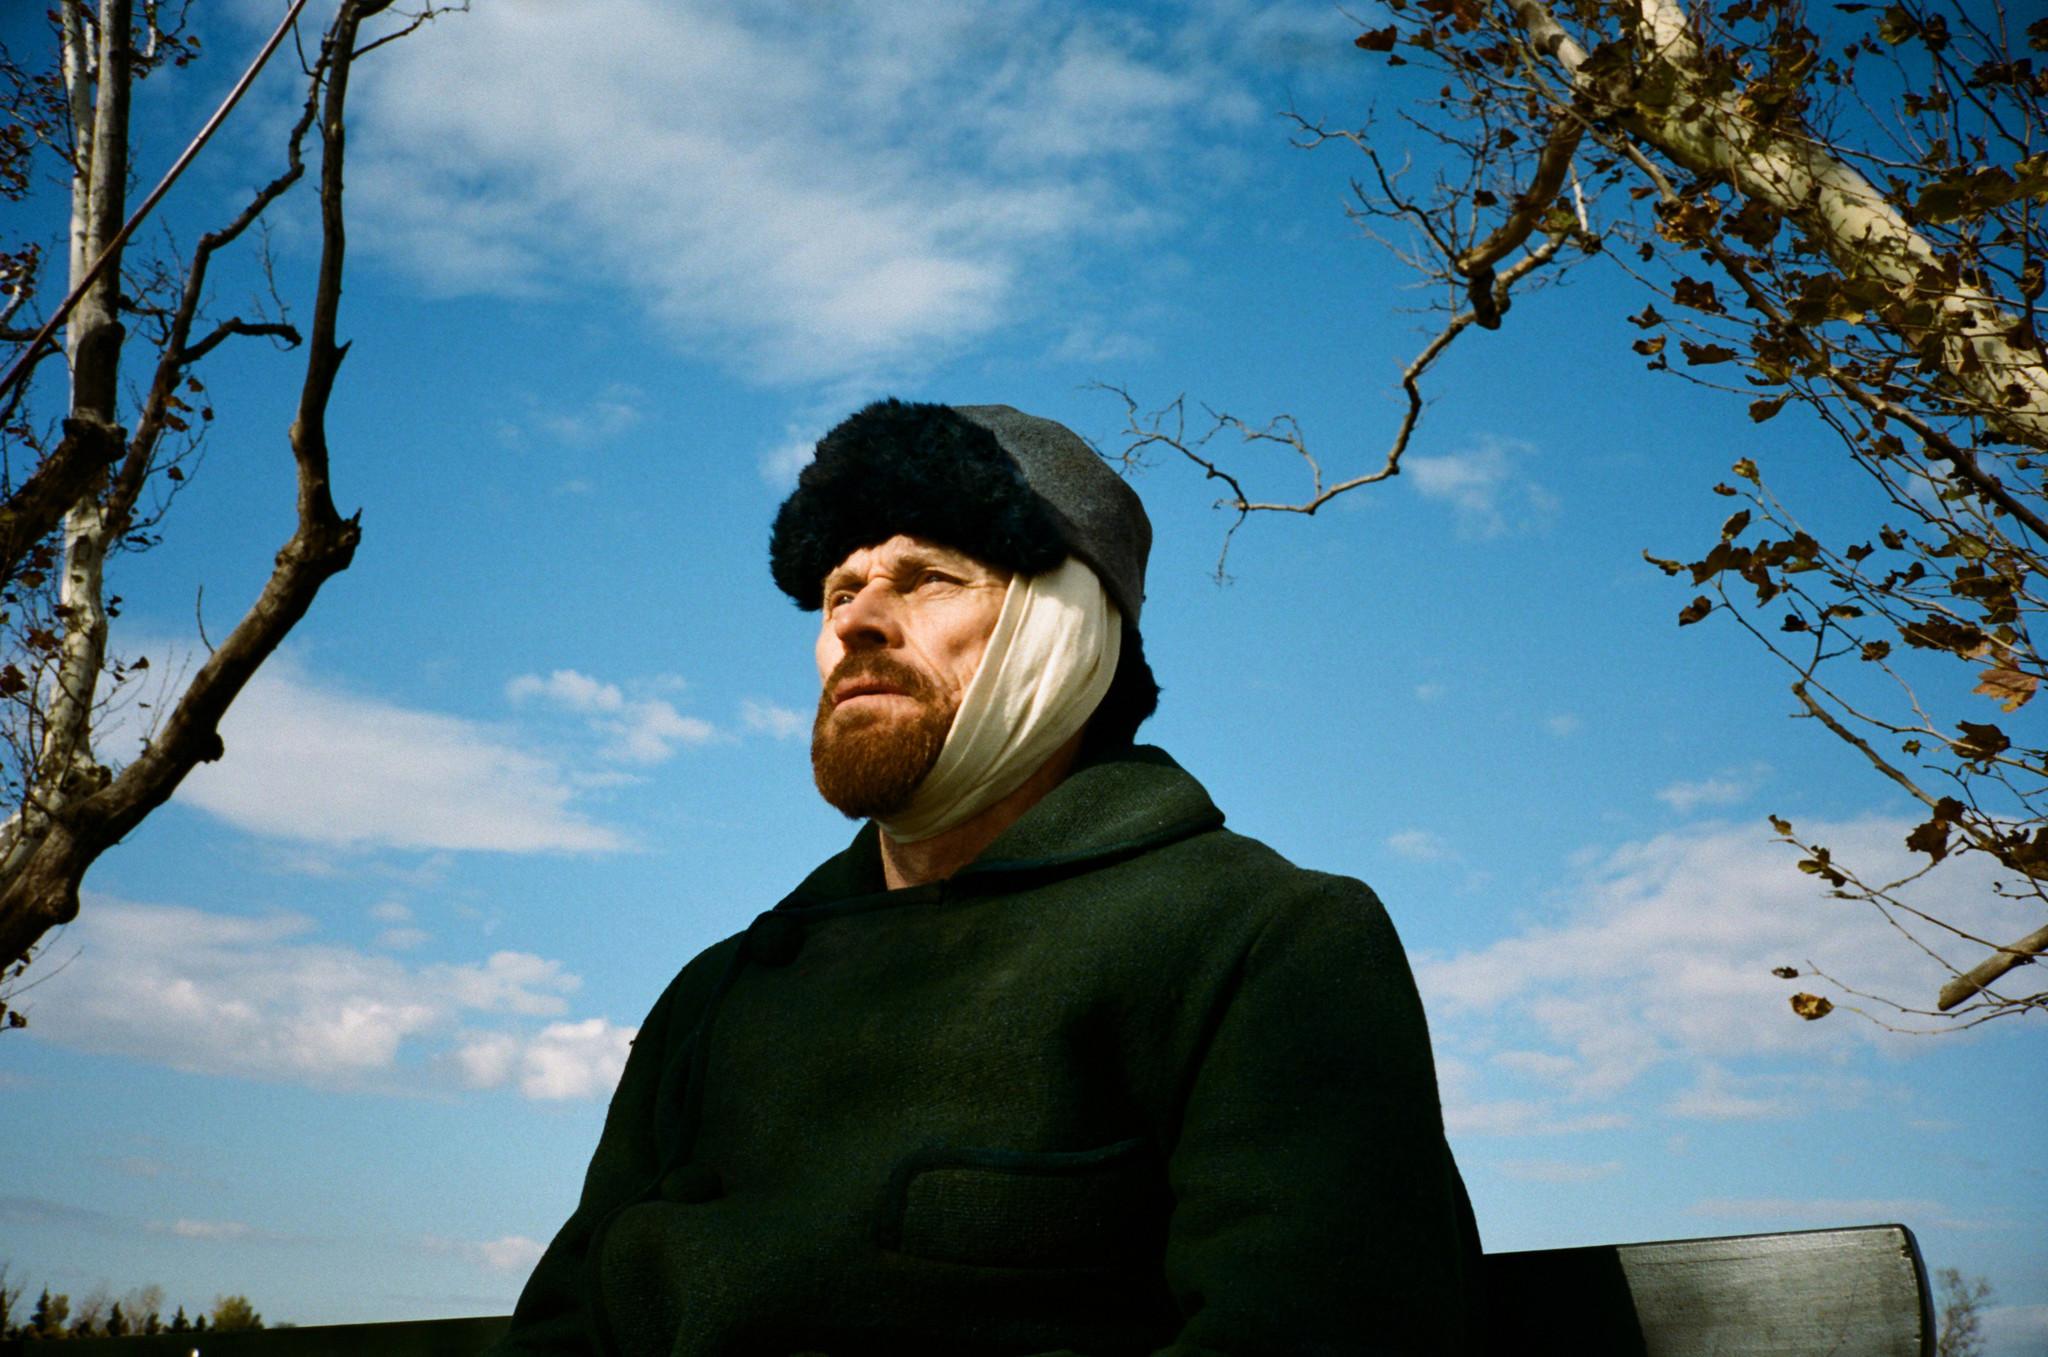 Willem Dafoe as Vincent Van Gogh in Julian Schnabel's